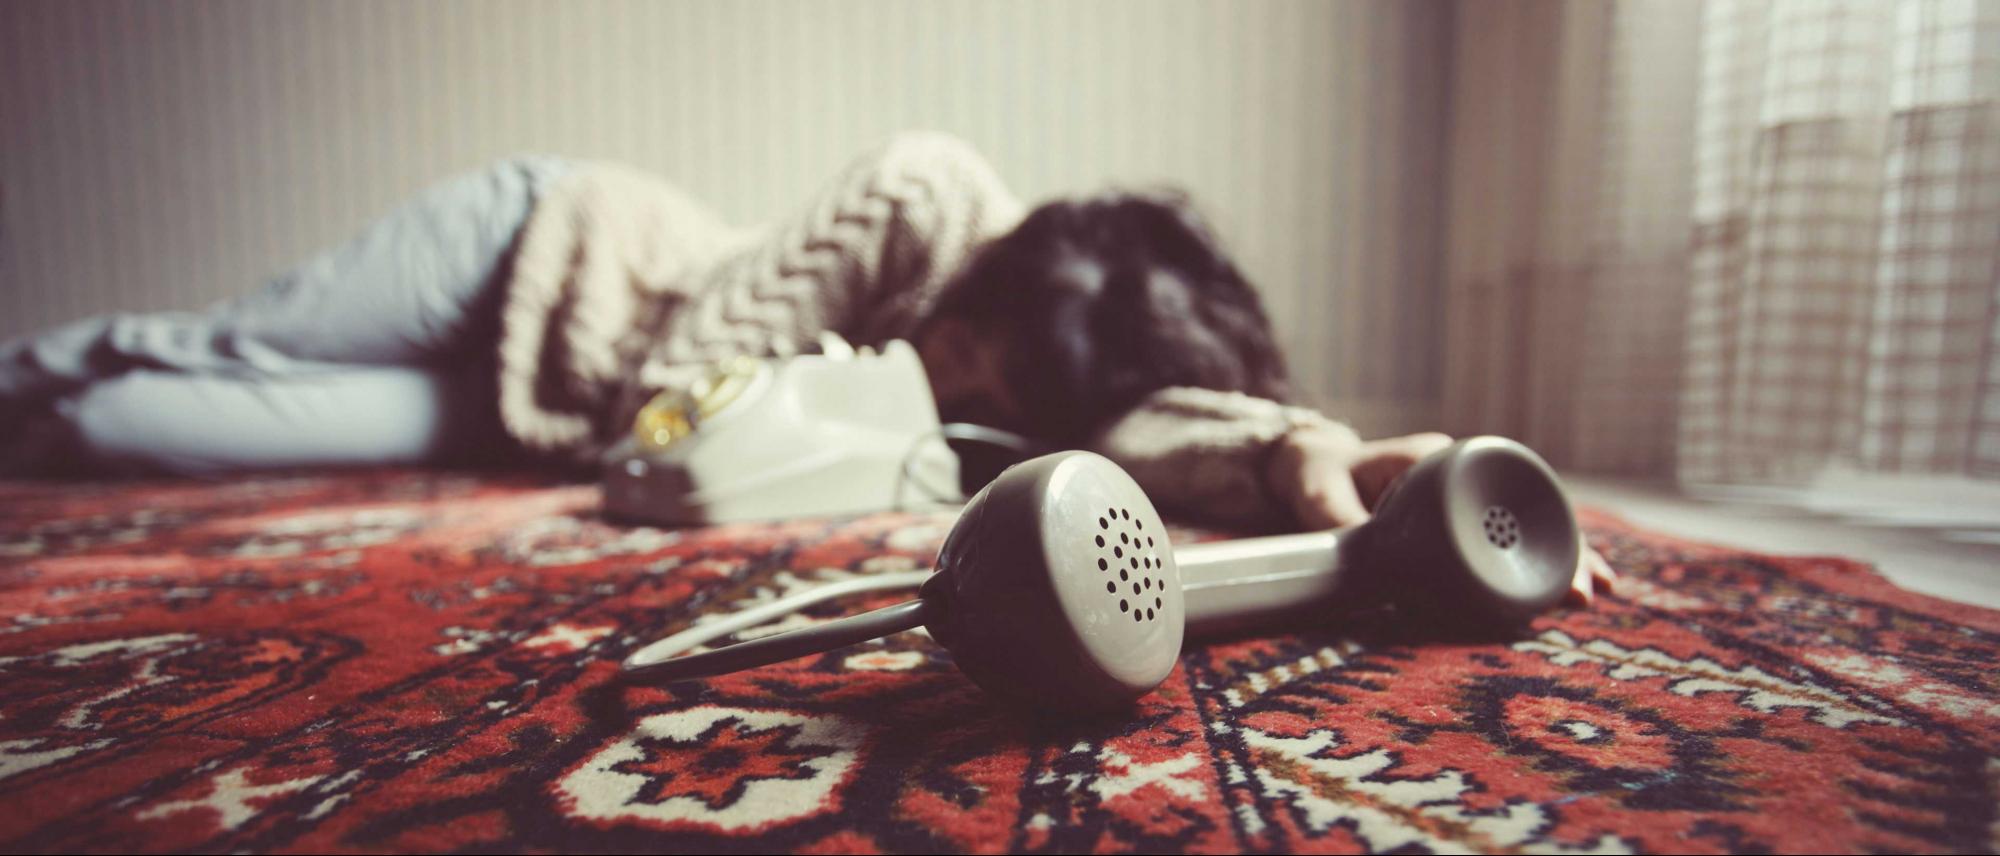 Что означает самоубийство согласно сонникам: популярные толкования